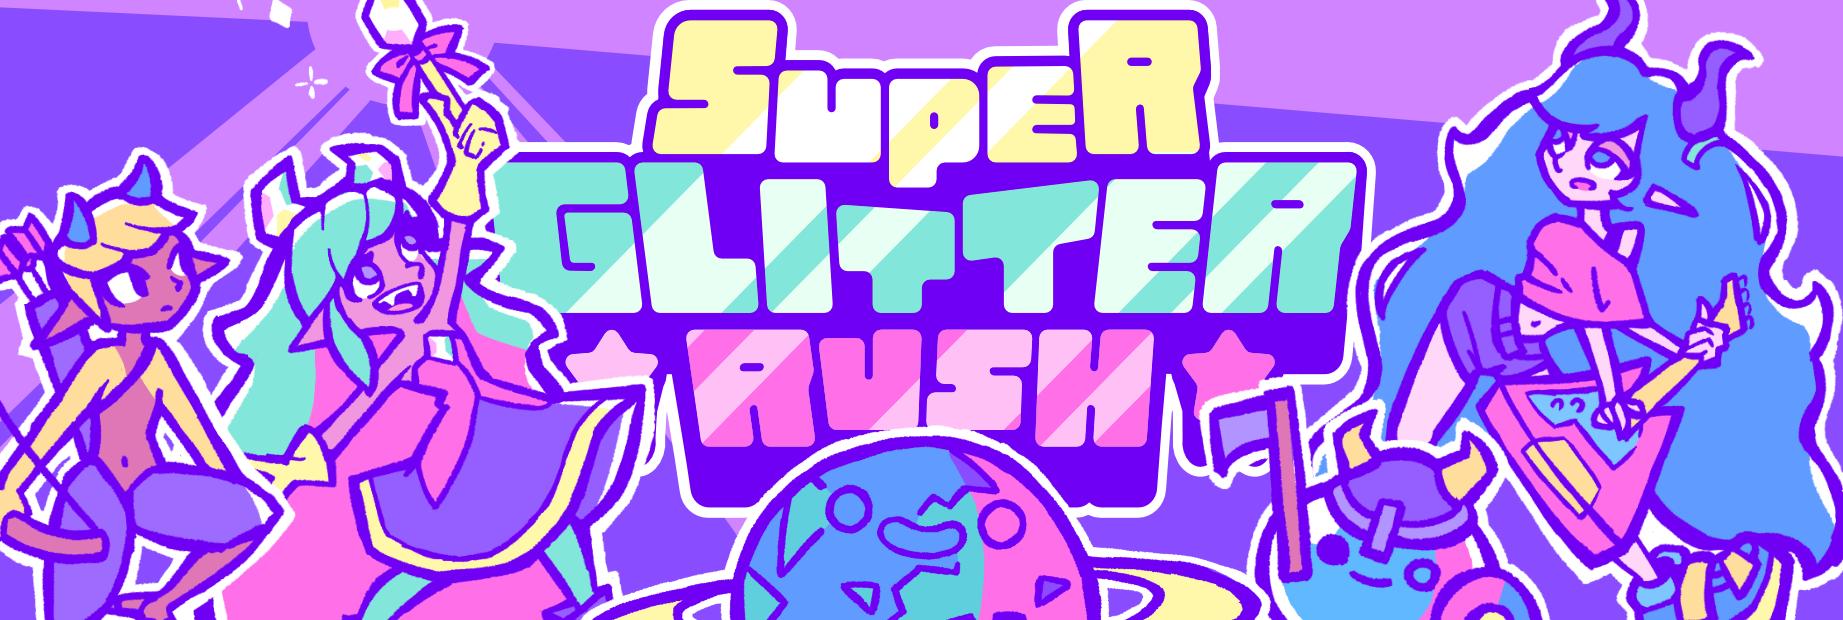 Super Glitter Rush